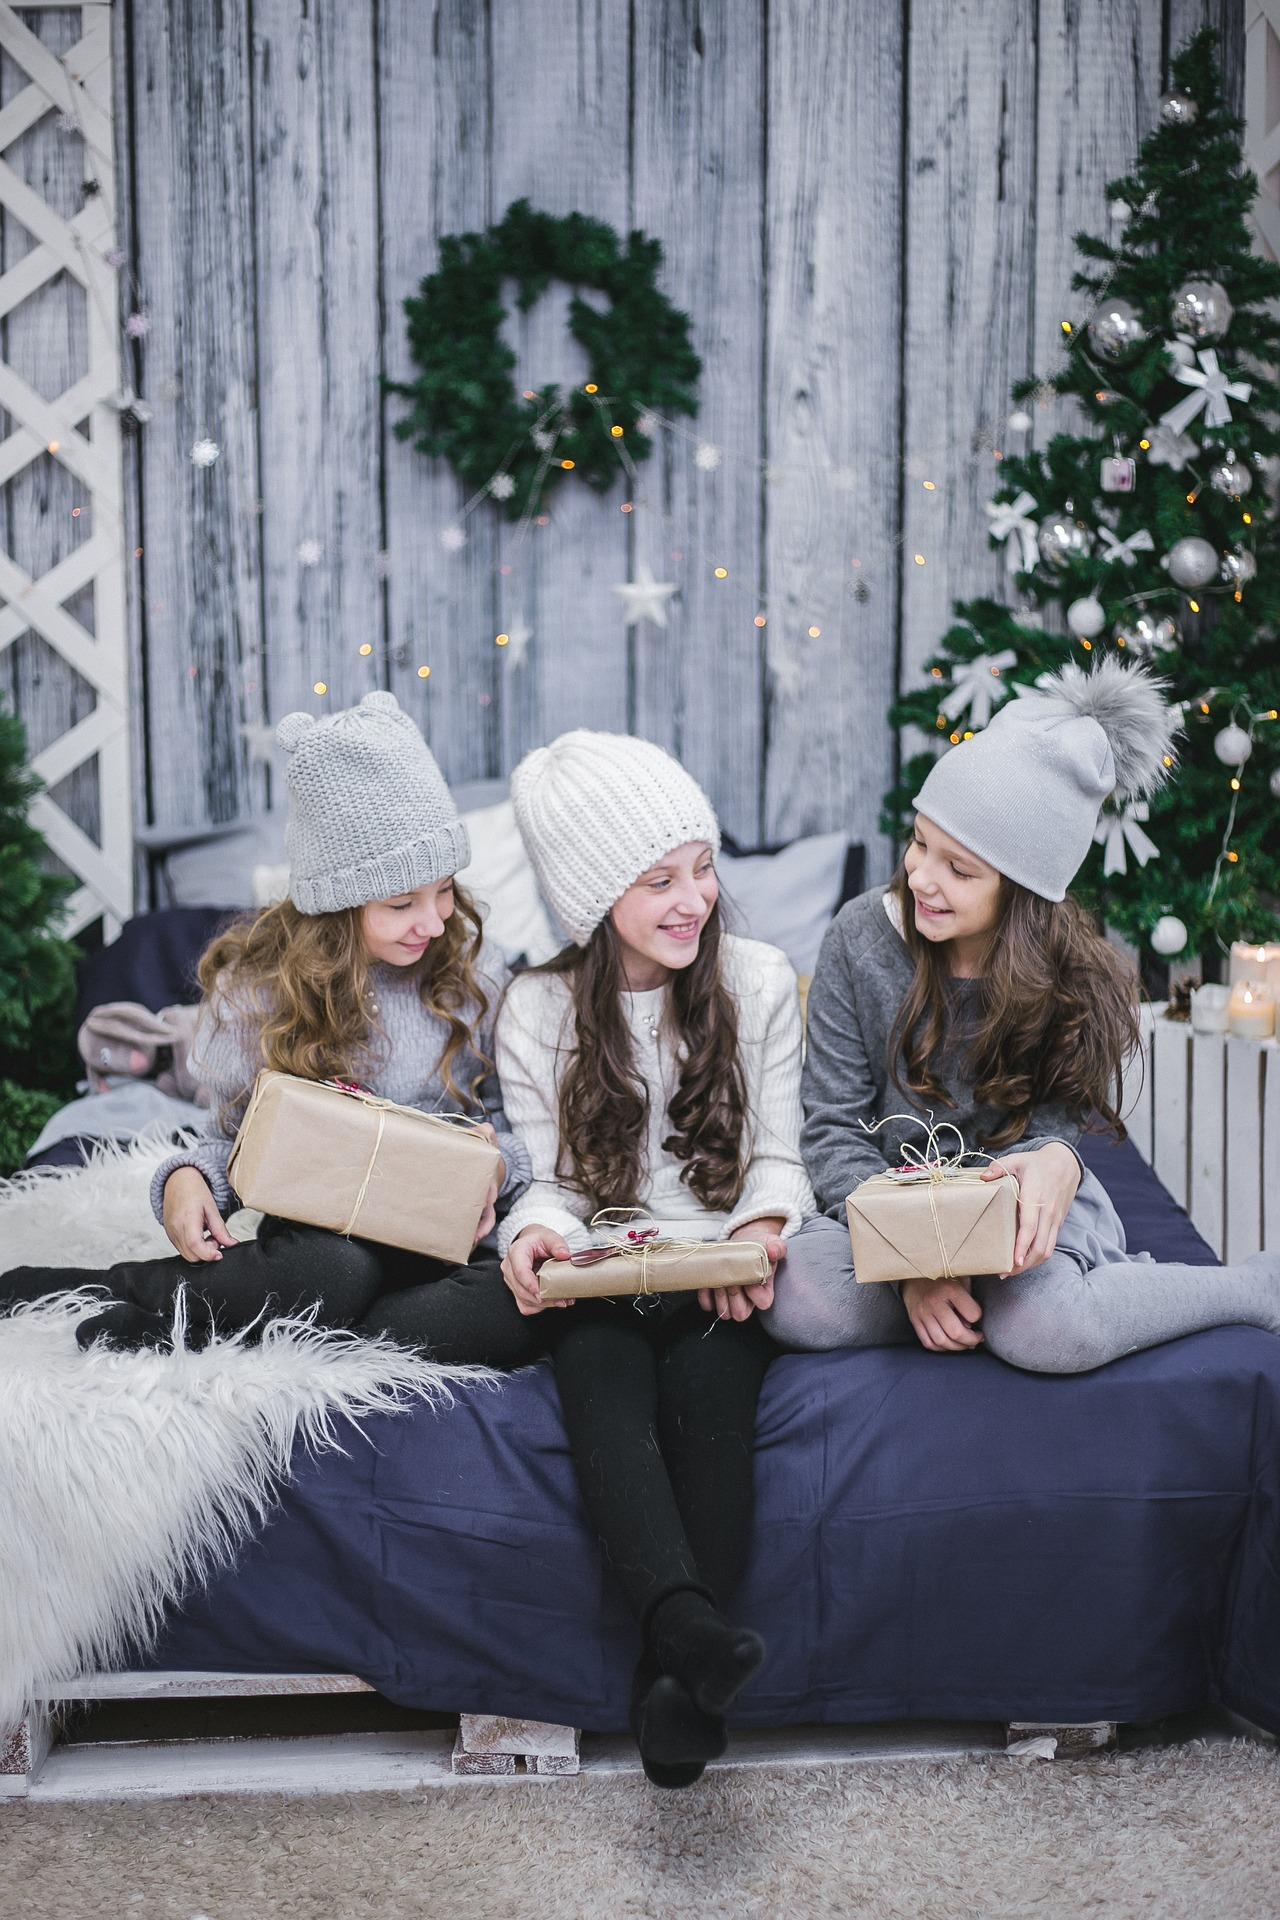 ТОП-5 подарков: что будут дарить кировчане в новогоднюю ночь